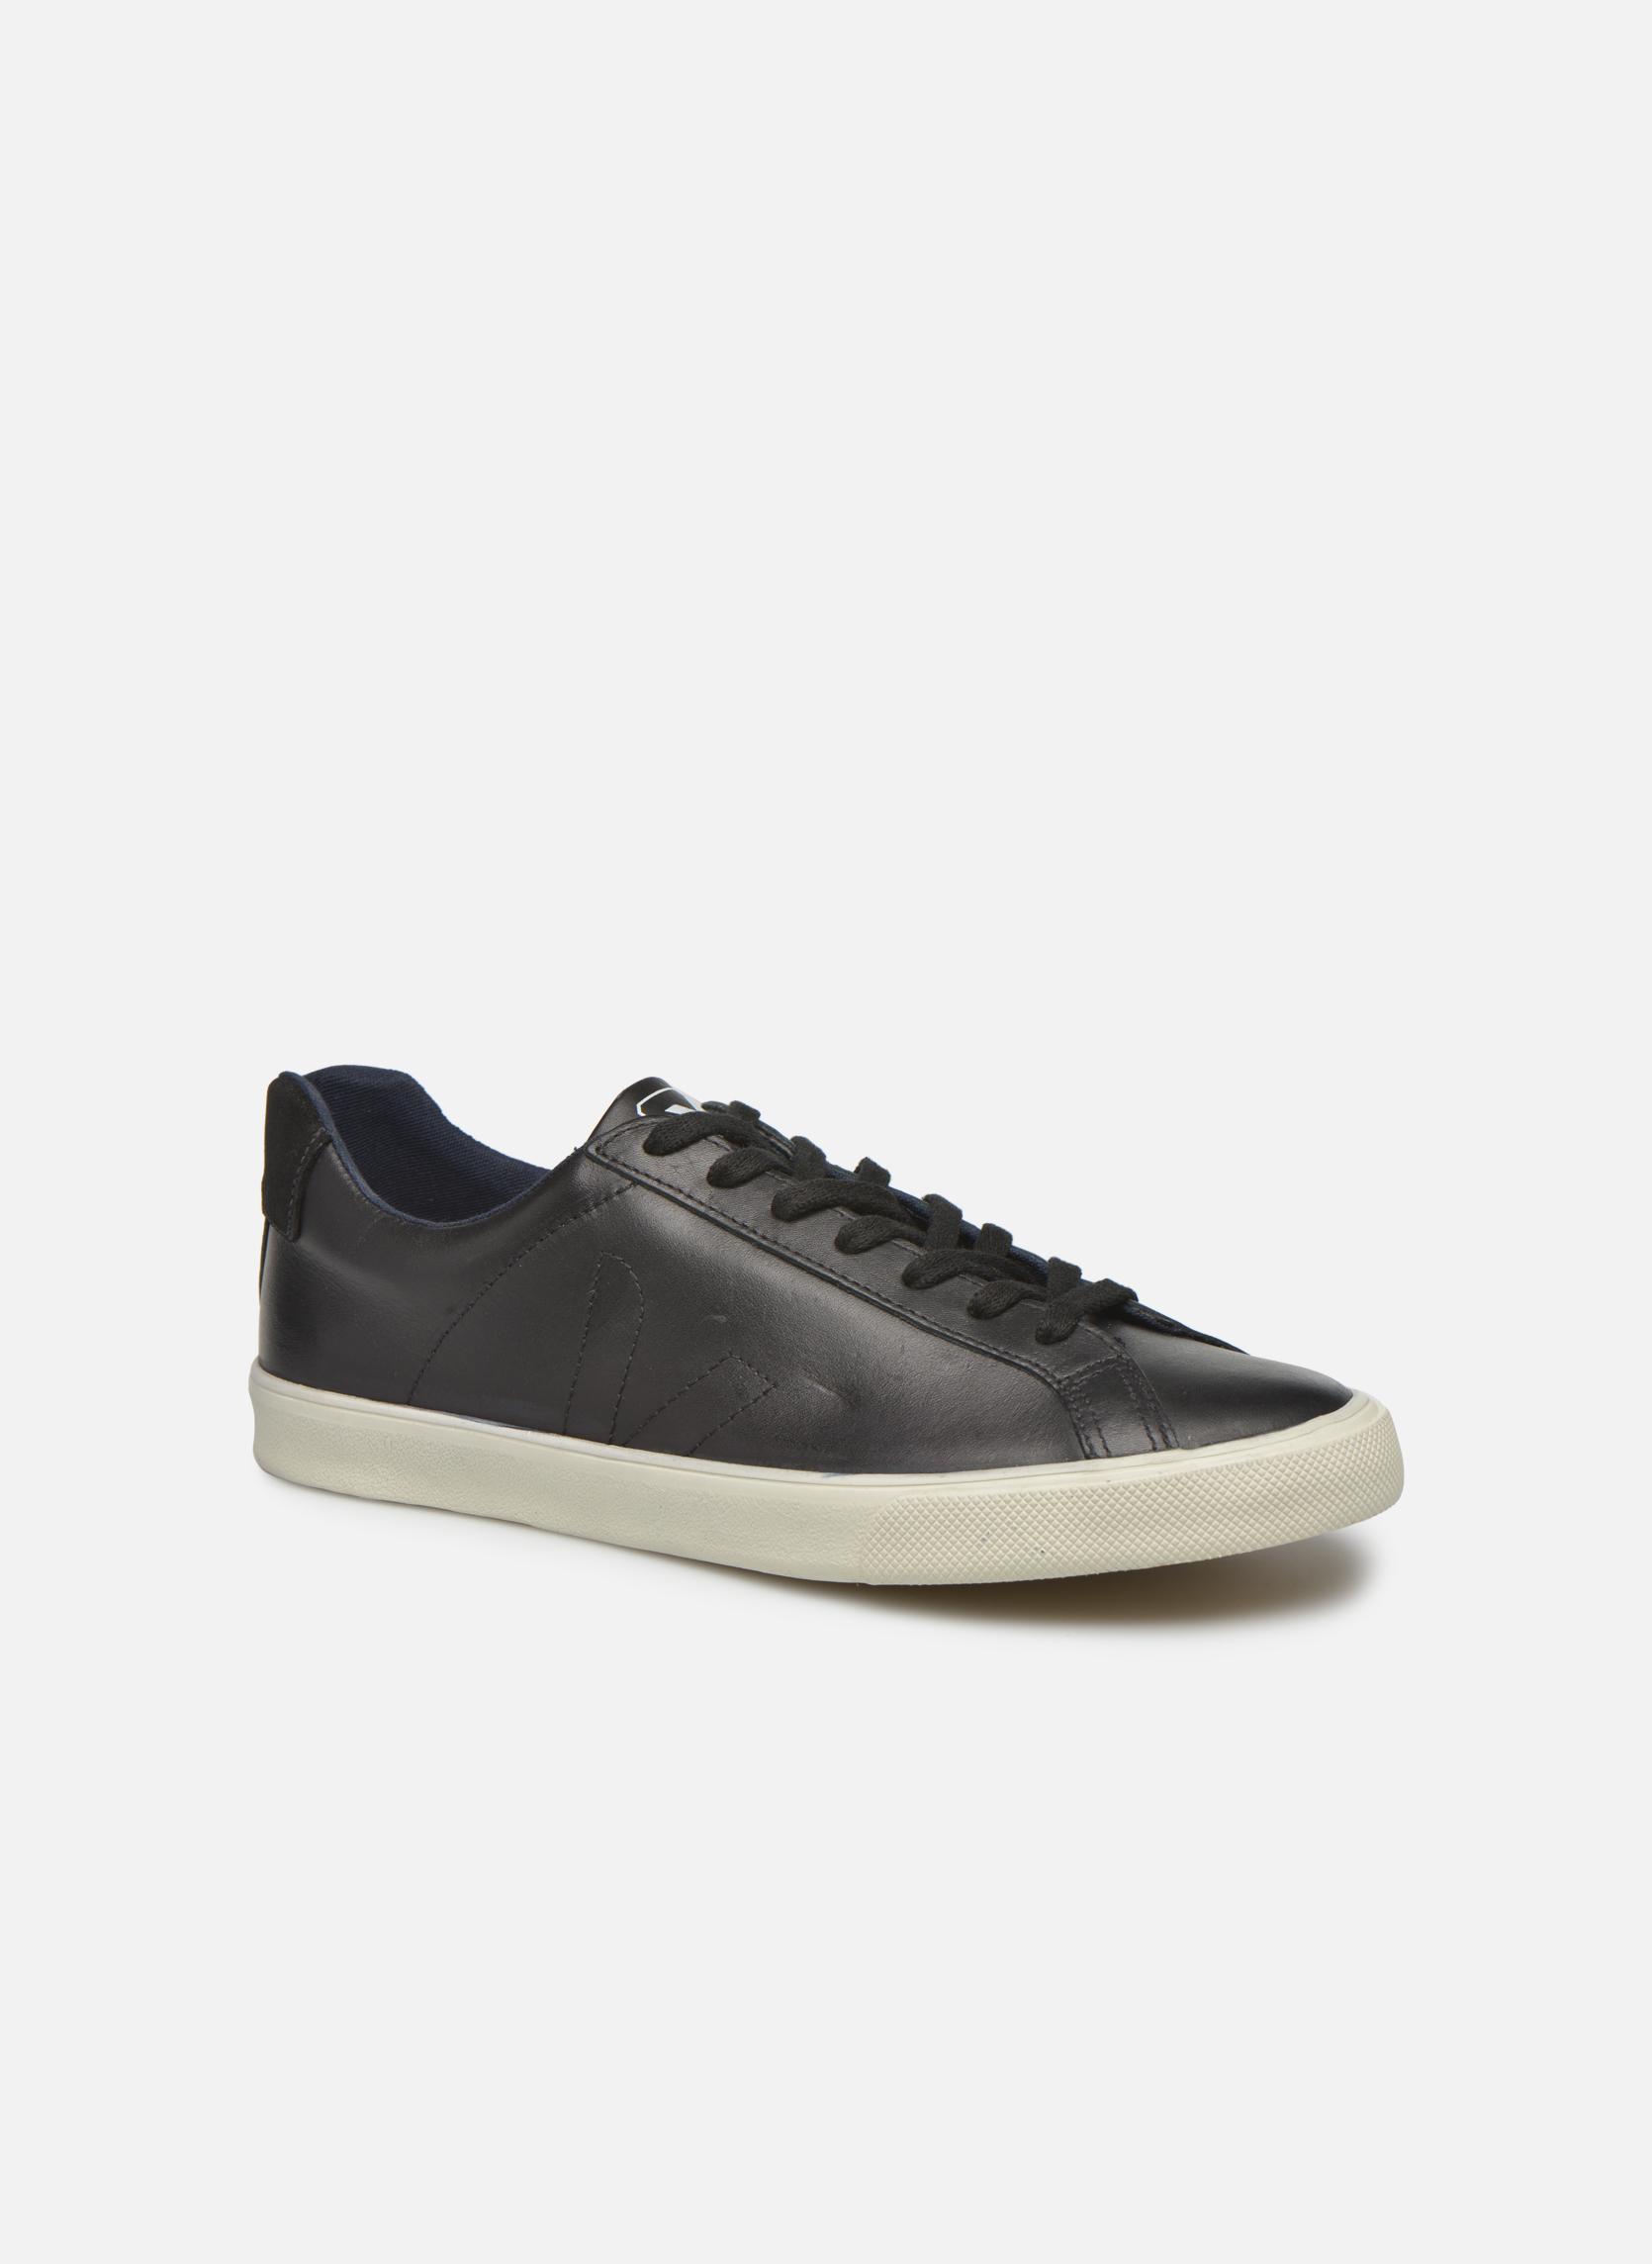 Baskets Veja Esplar Leather Noir vue détail/paire